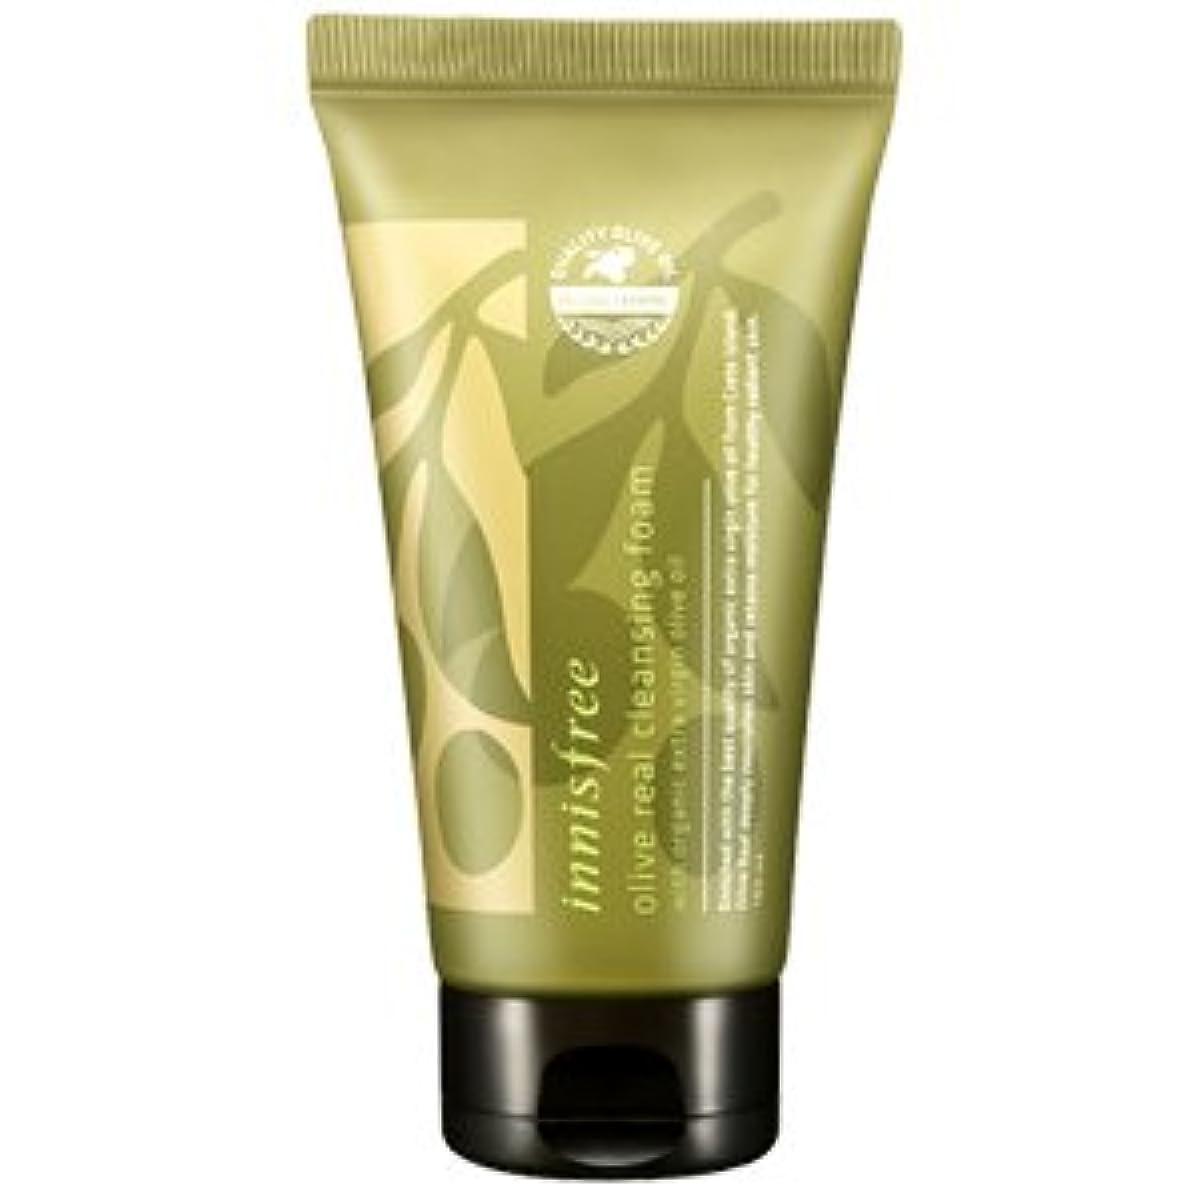 内なるネブ拍車innisfree(イニスフリー) Olive real cleansing foam AD オリーブ リアル クレンジング フォーム 150ml